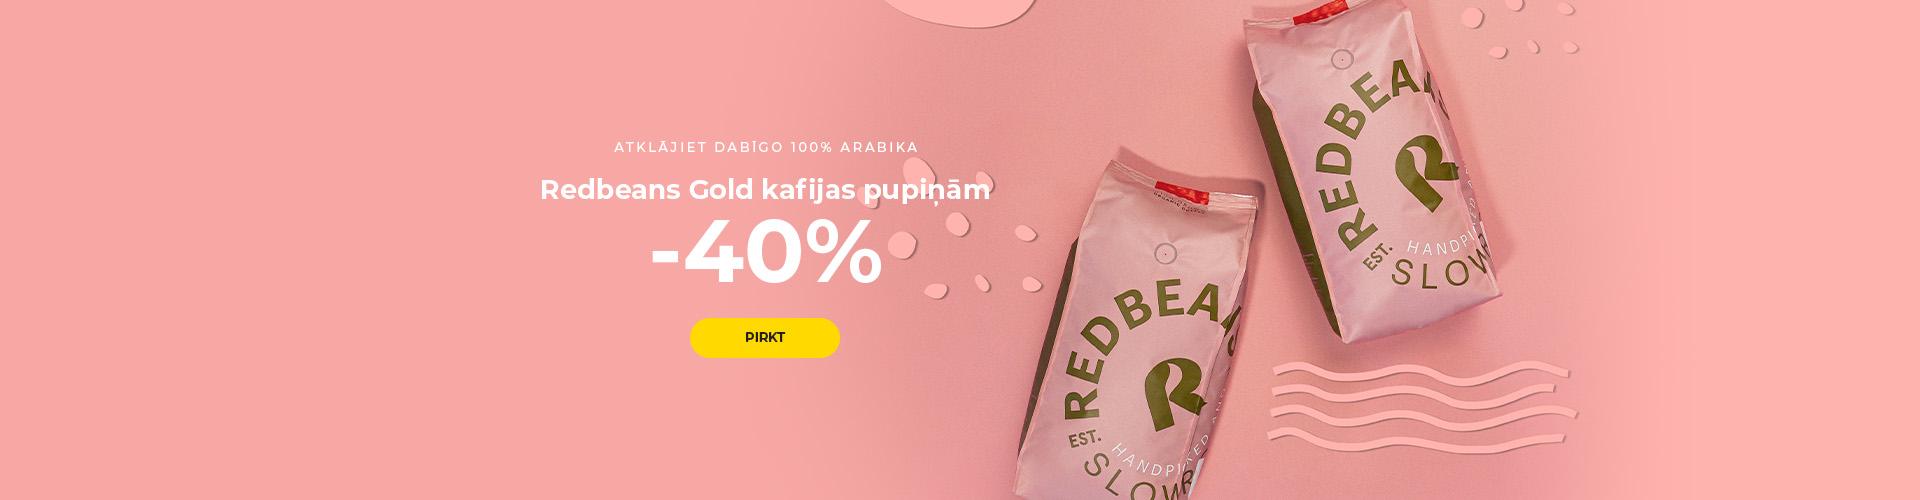 Redbeans Gold kafijas pupiņām -40%